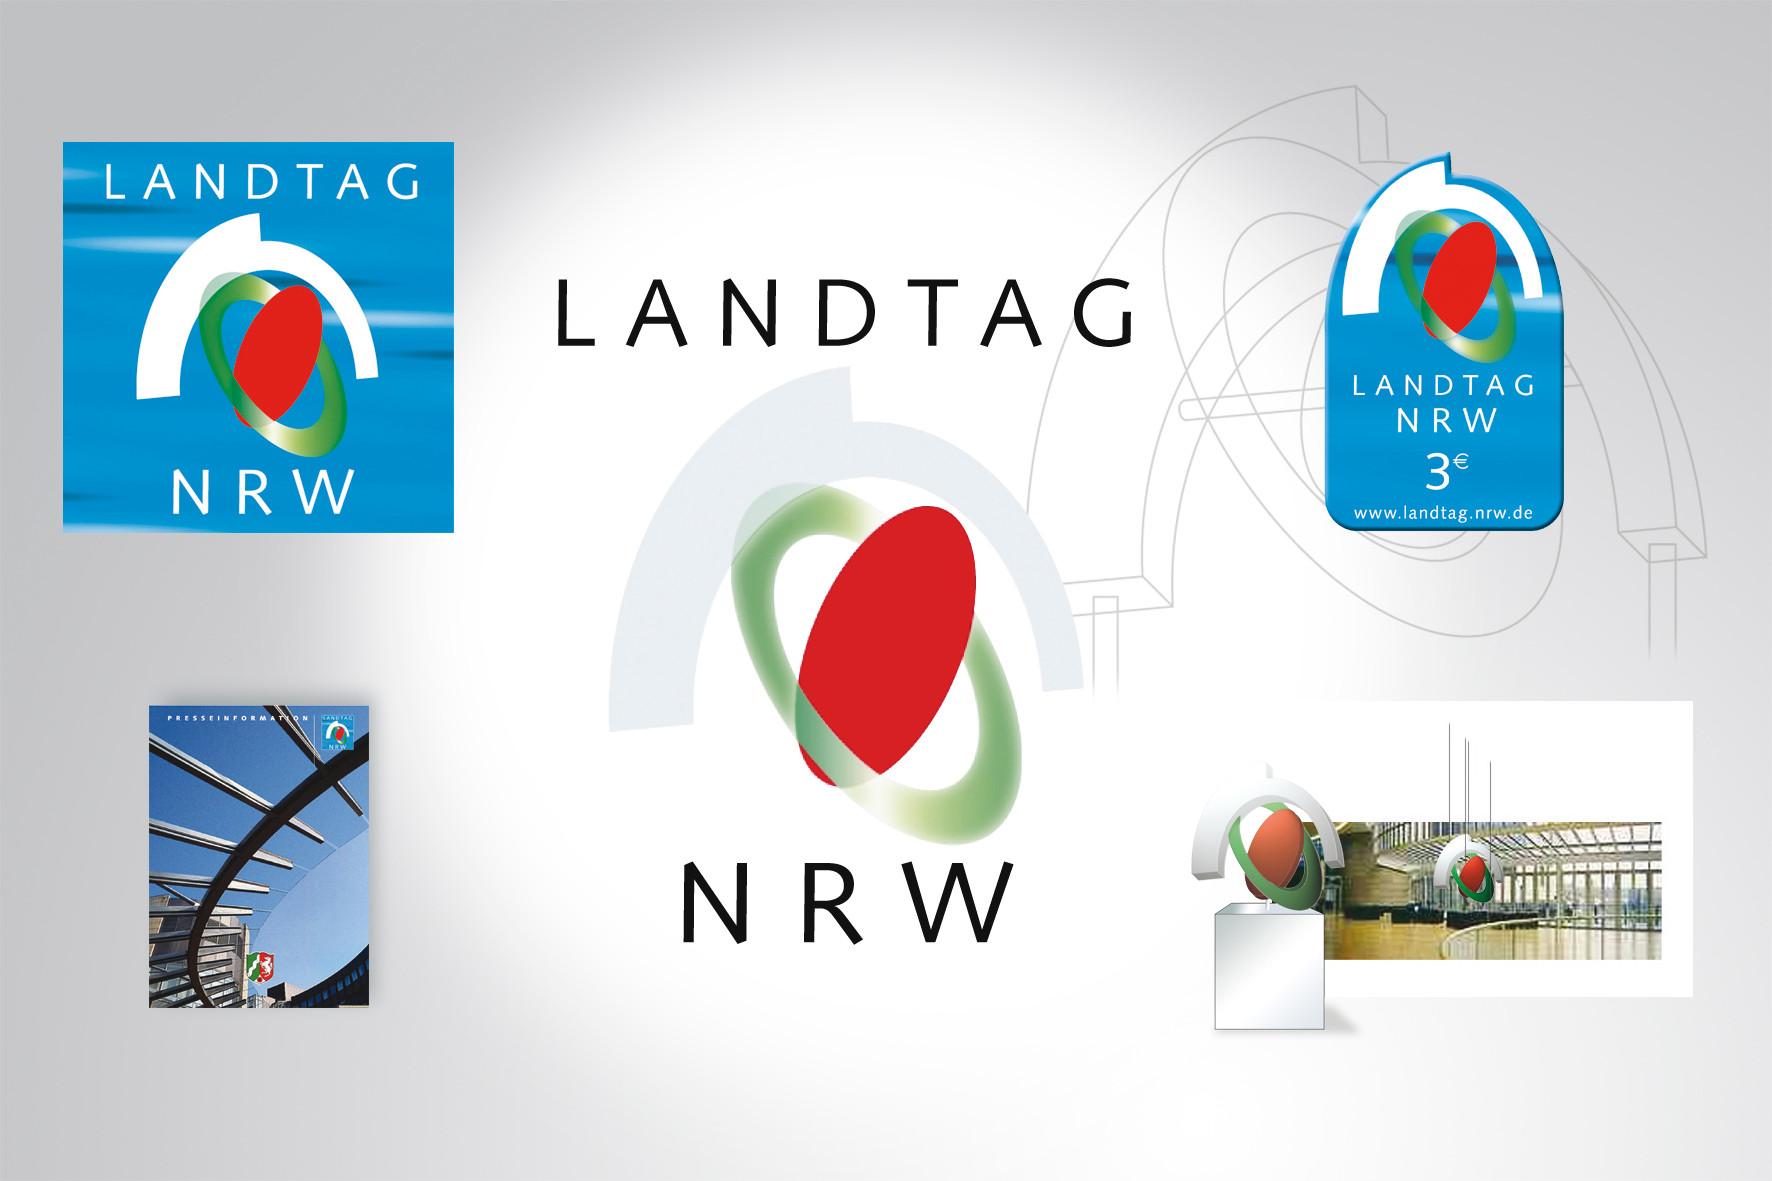 Kunde: Landtag NRW, Corporate Design